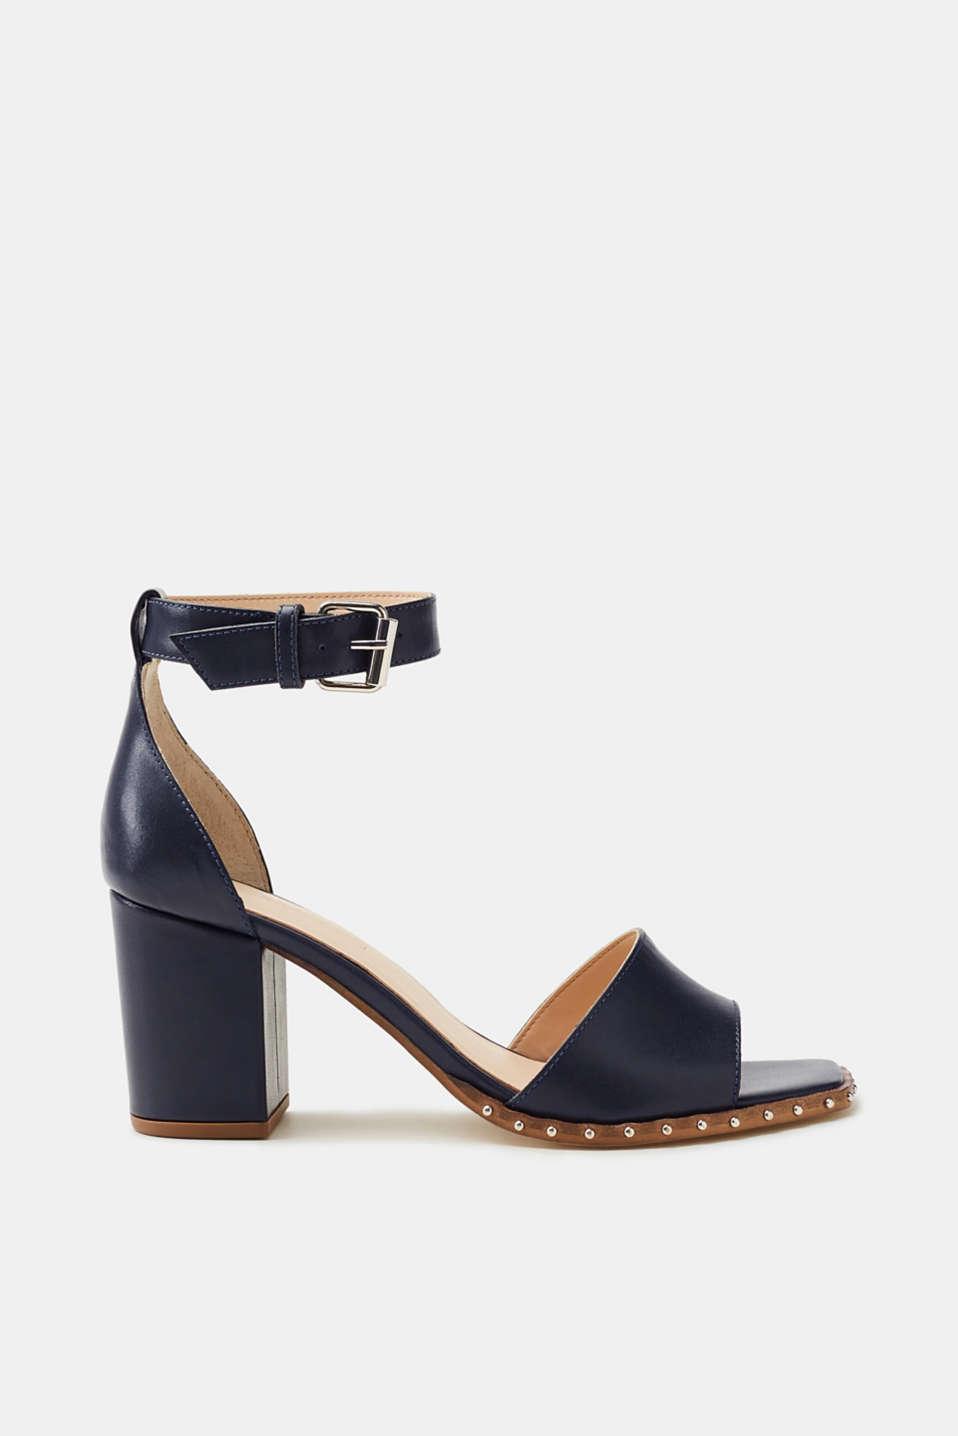 Esprit Leder-Sandalette mit Blockabsatz und Nieten-Dekor für Damen, Größe 40, Navy